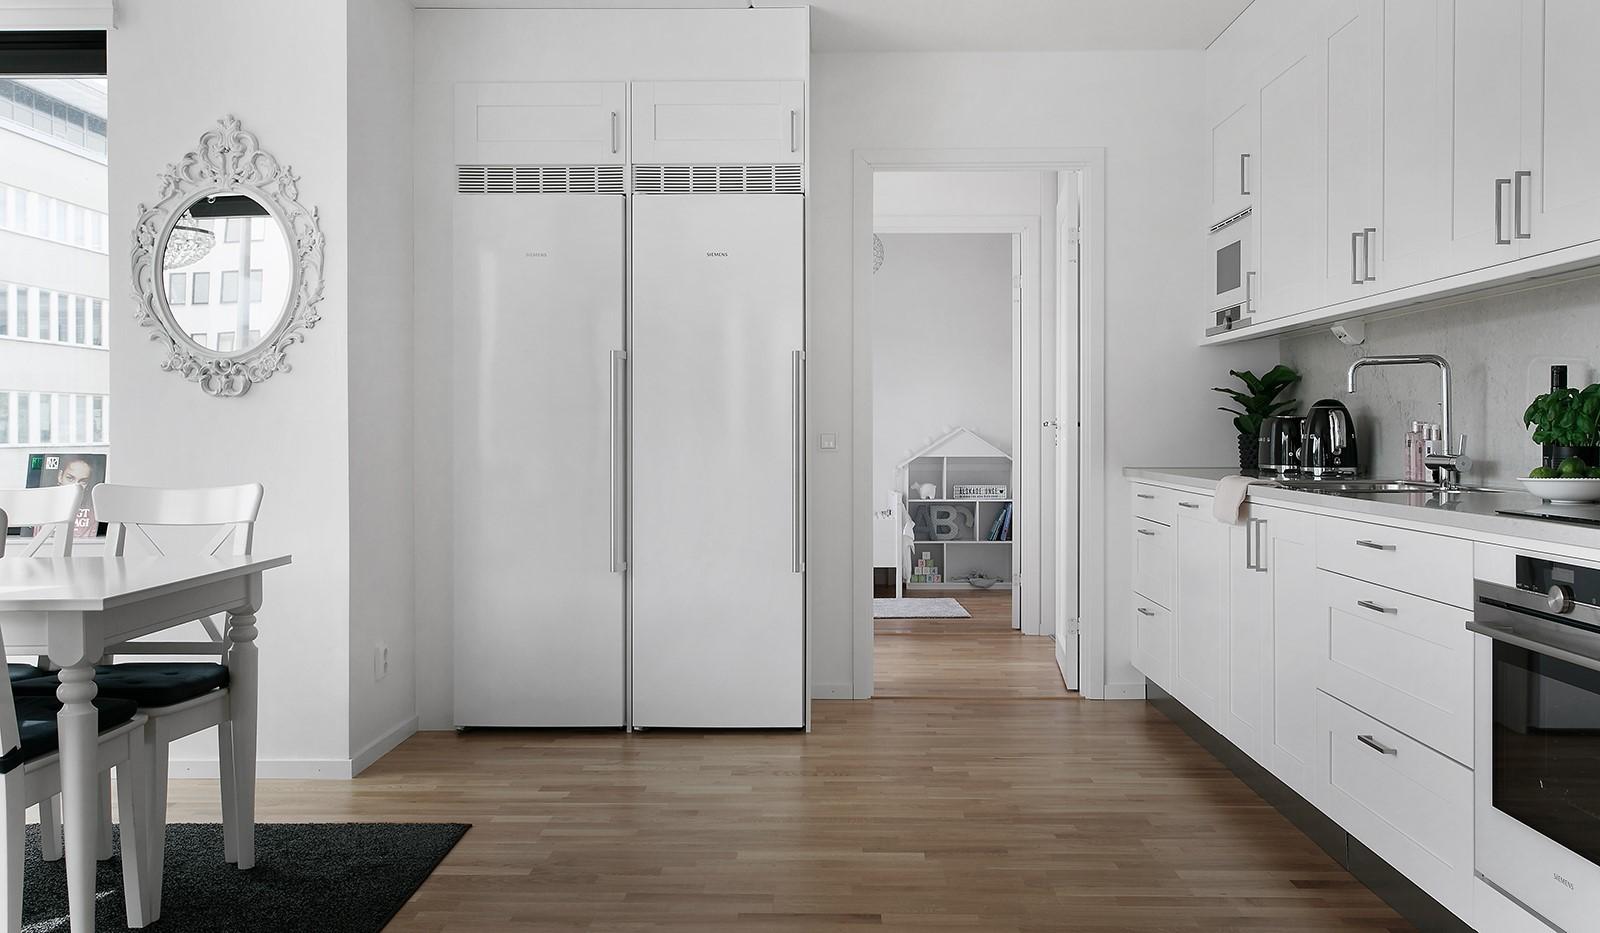 Oskarslundsbacken 13, 2tr - Köket är fullt utrustat med vitvaror i vitt